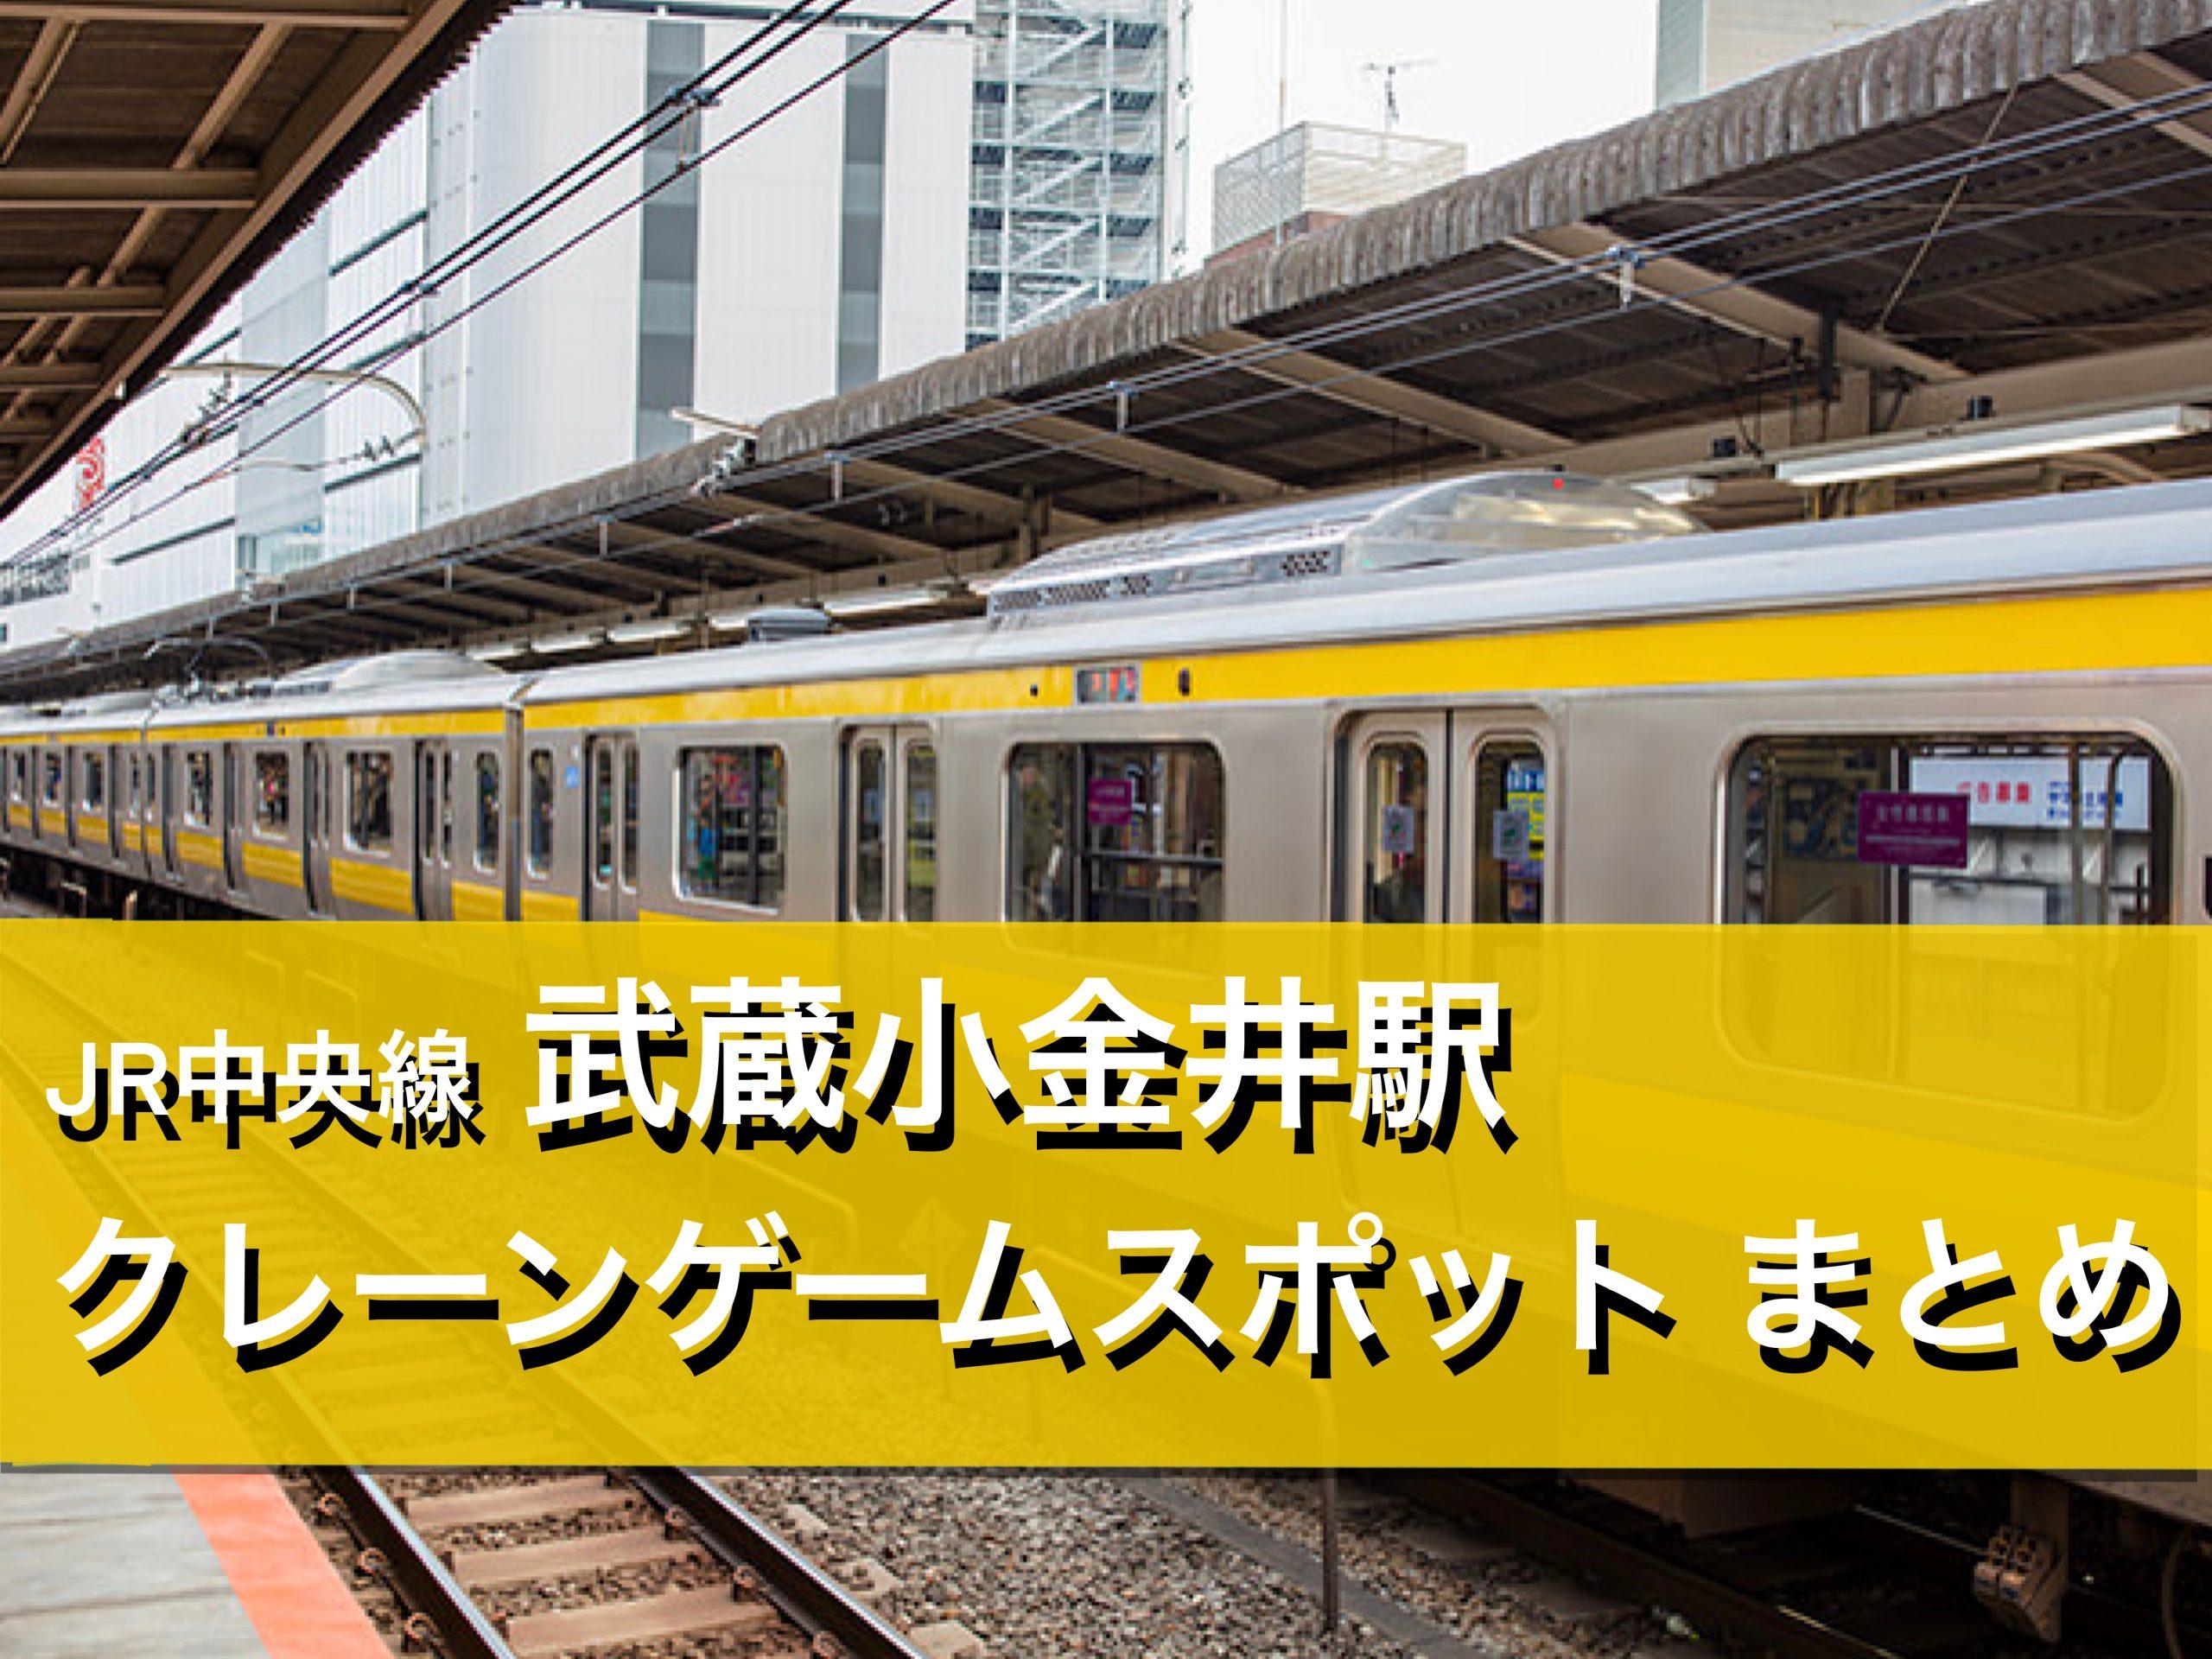 【武蔵小金井駅】クレーンゲームができる場所